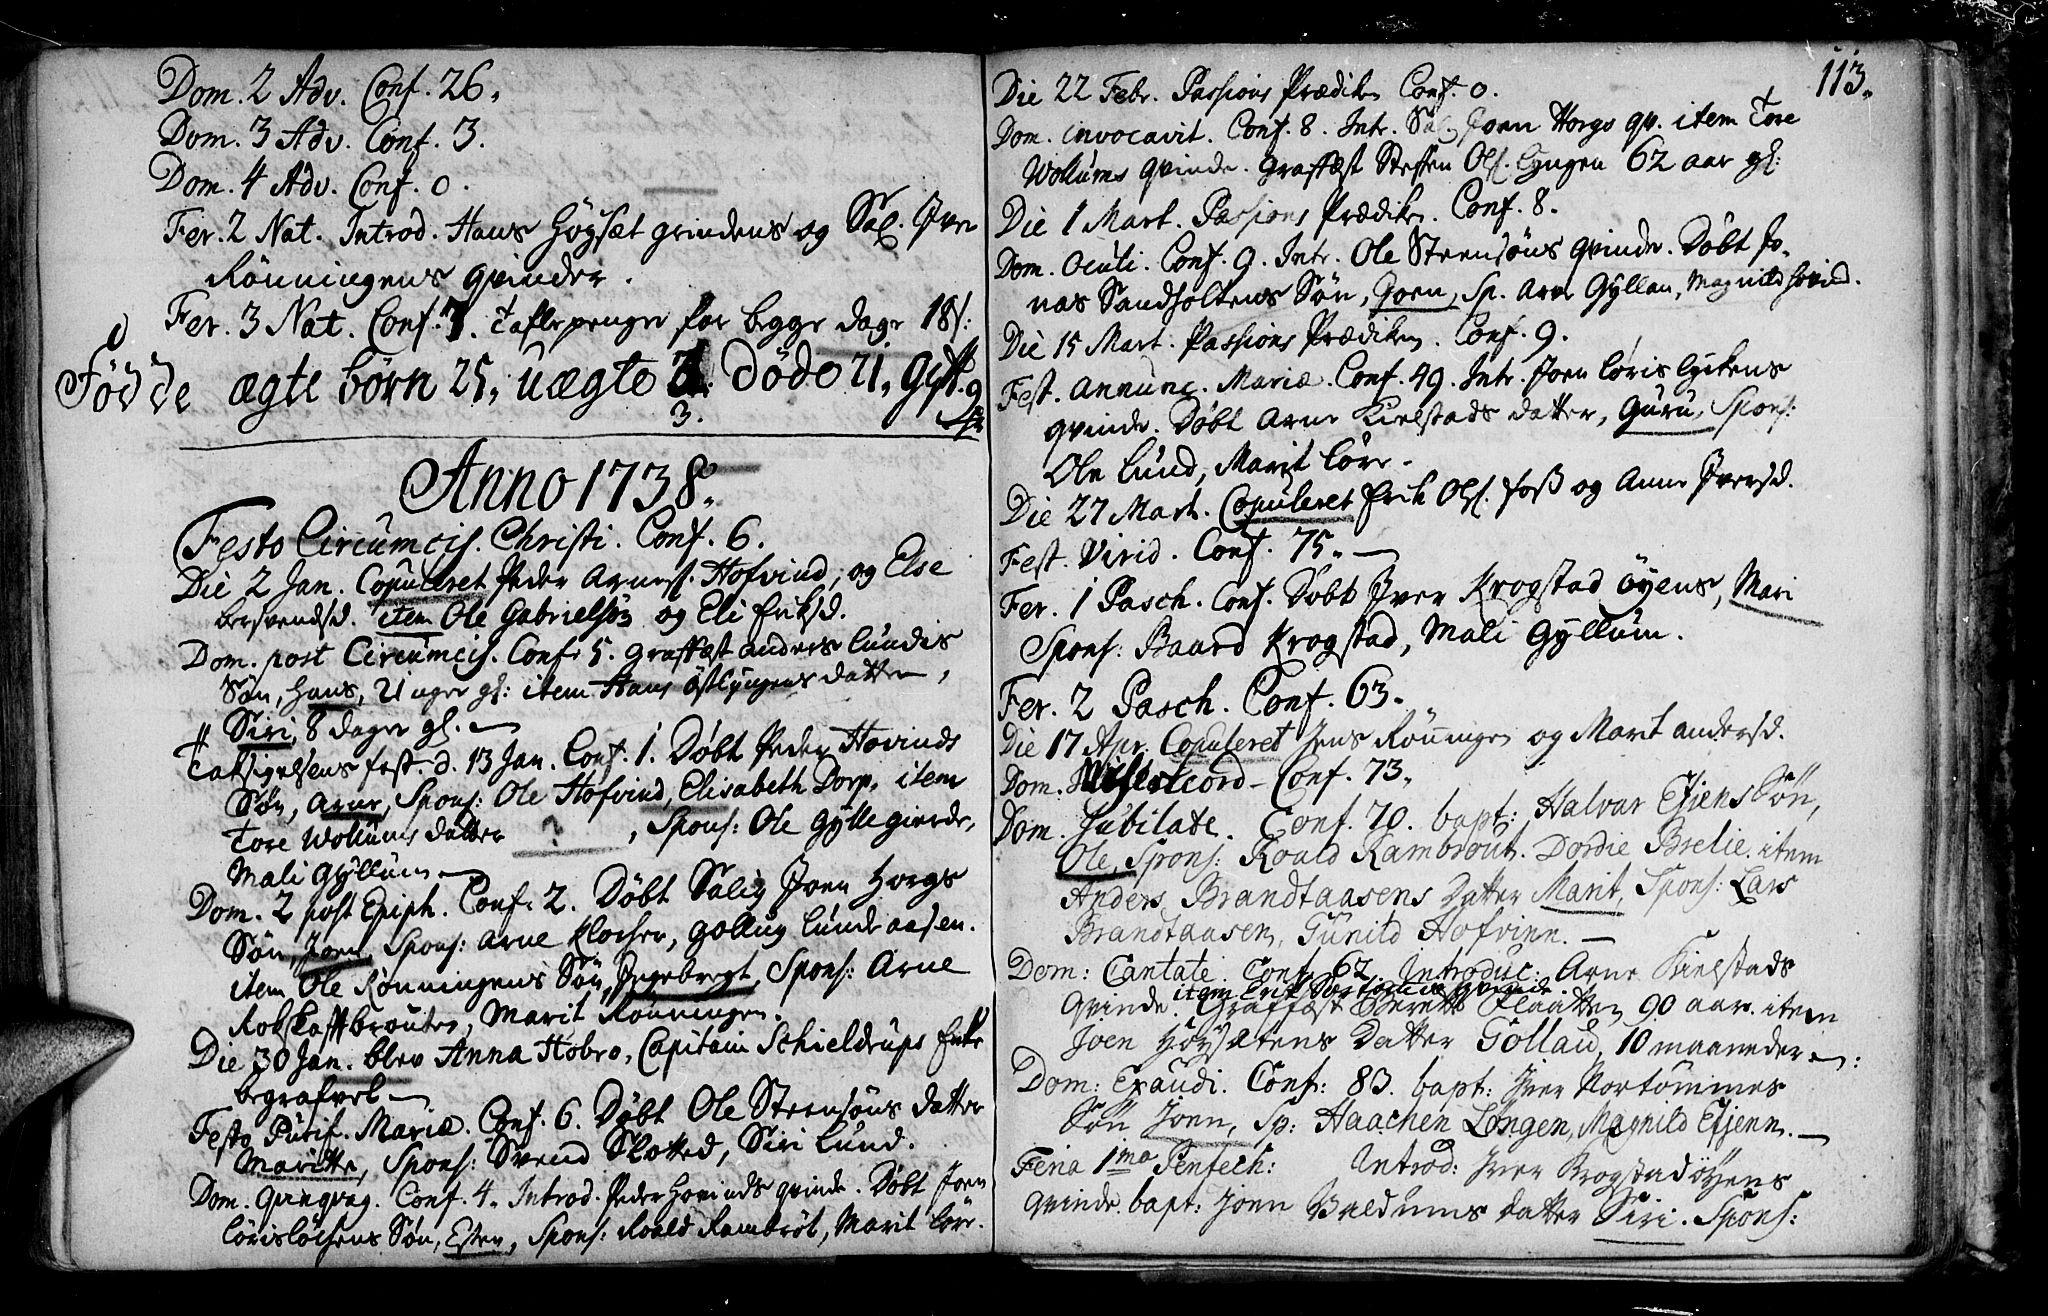 SAT, Ministerialprotokoller, klokkerbøker og fødselsregistre - Sør-Trøndelag, 692/L1101: Ministerialbok nr. 692A01, 1690-1746, s. 113